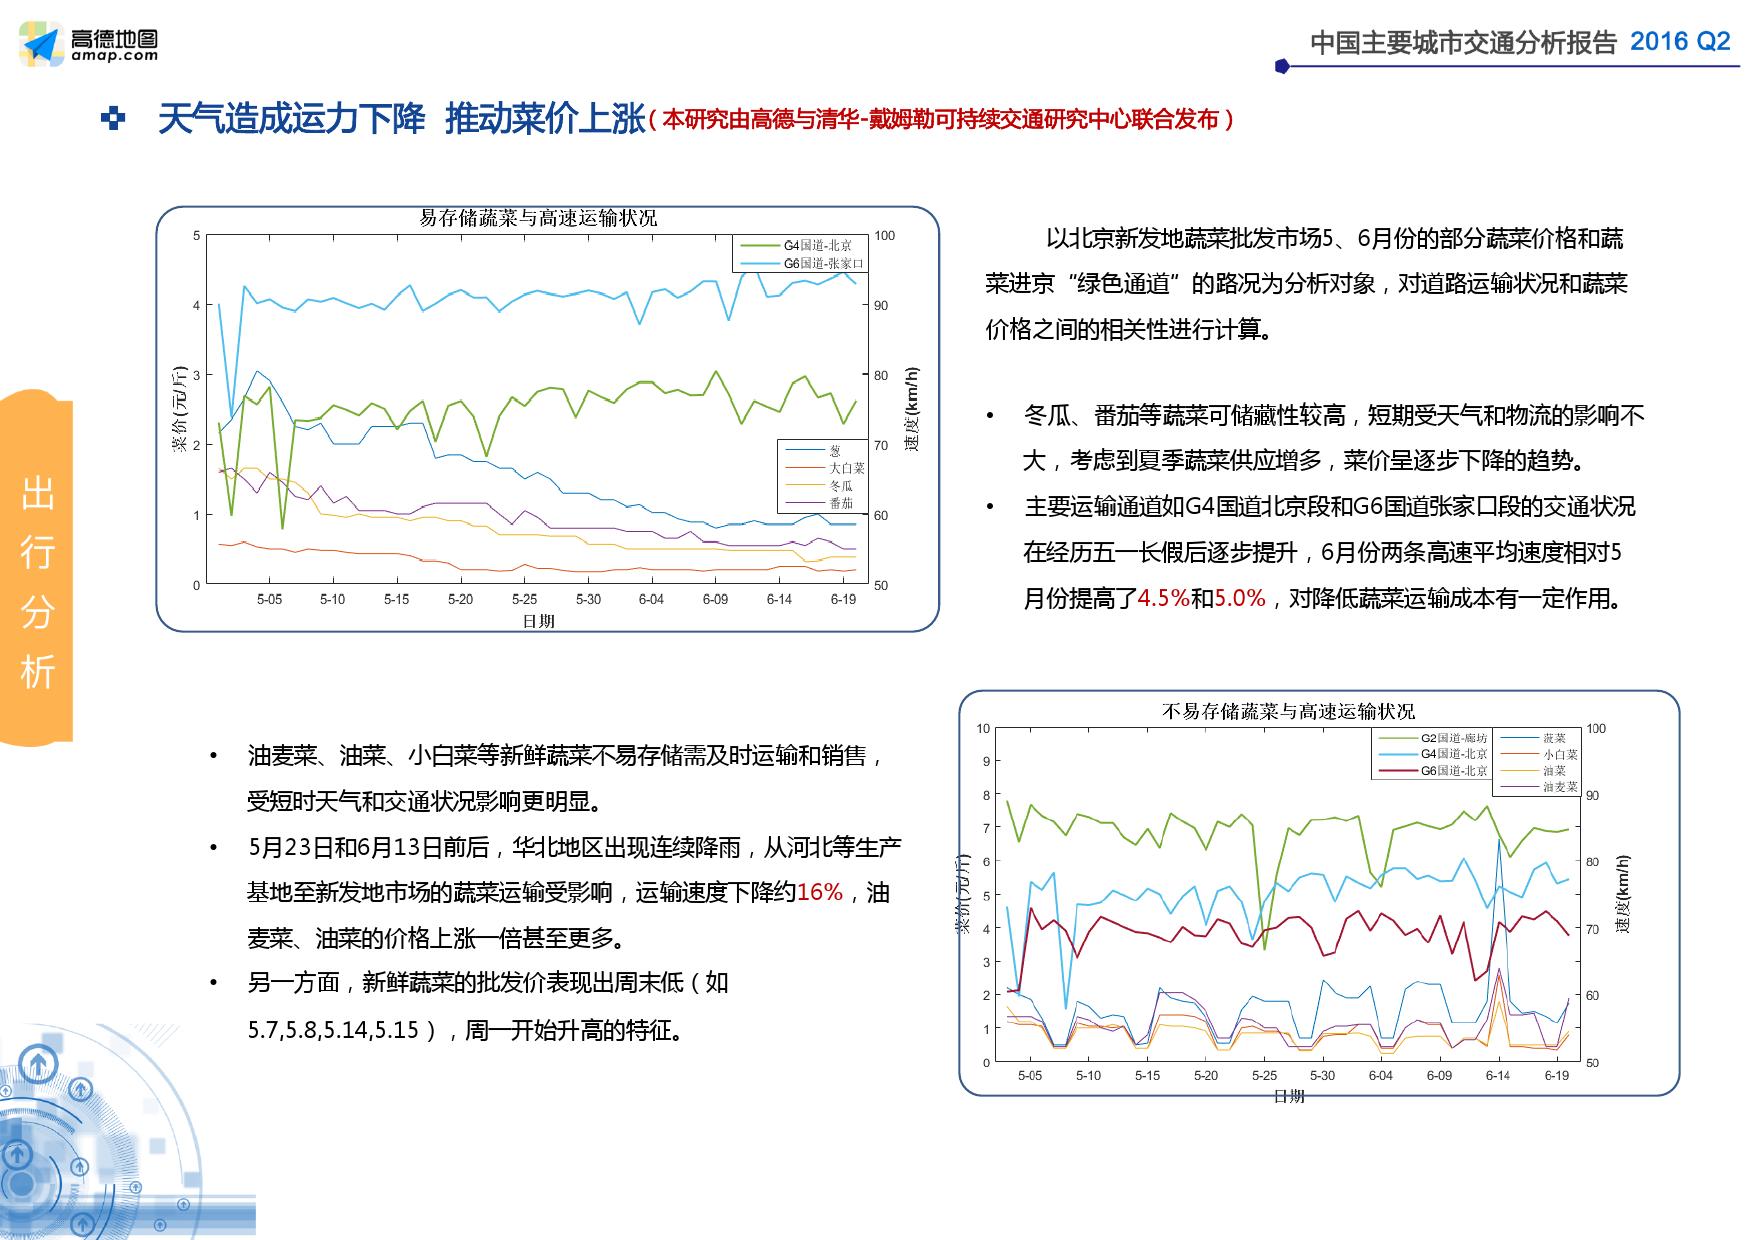 2016年Q2中国主要城市交通分析报告_000051